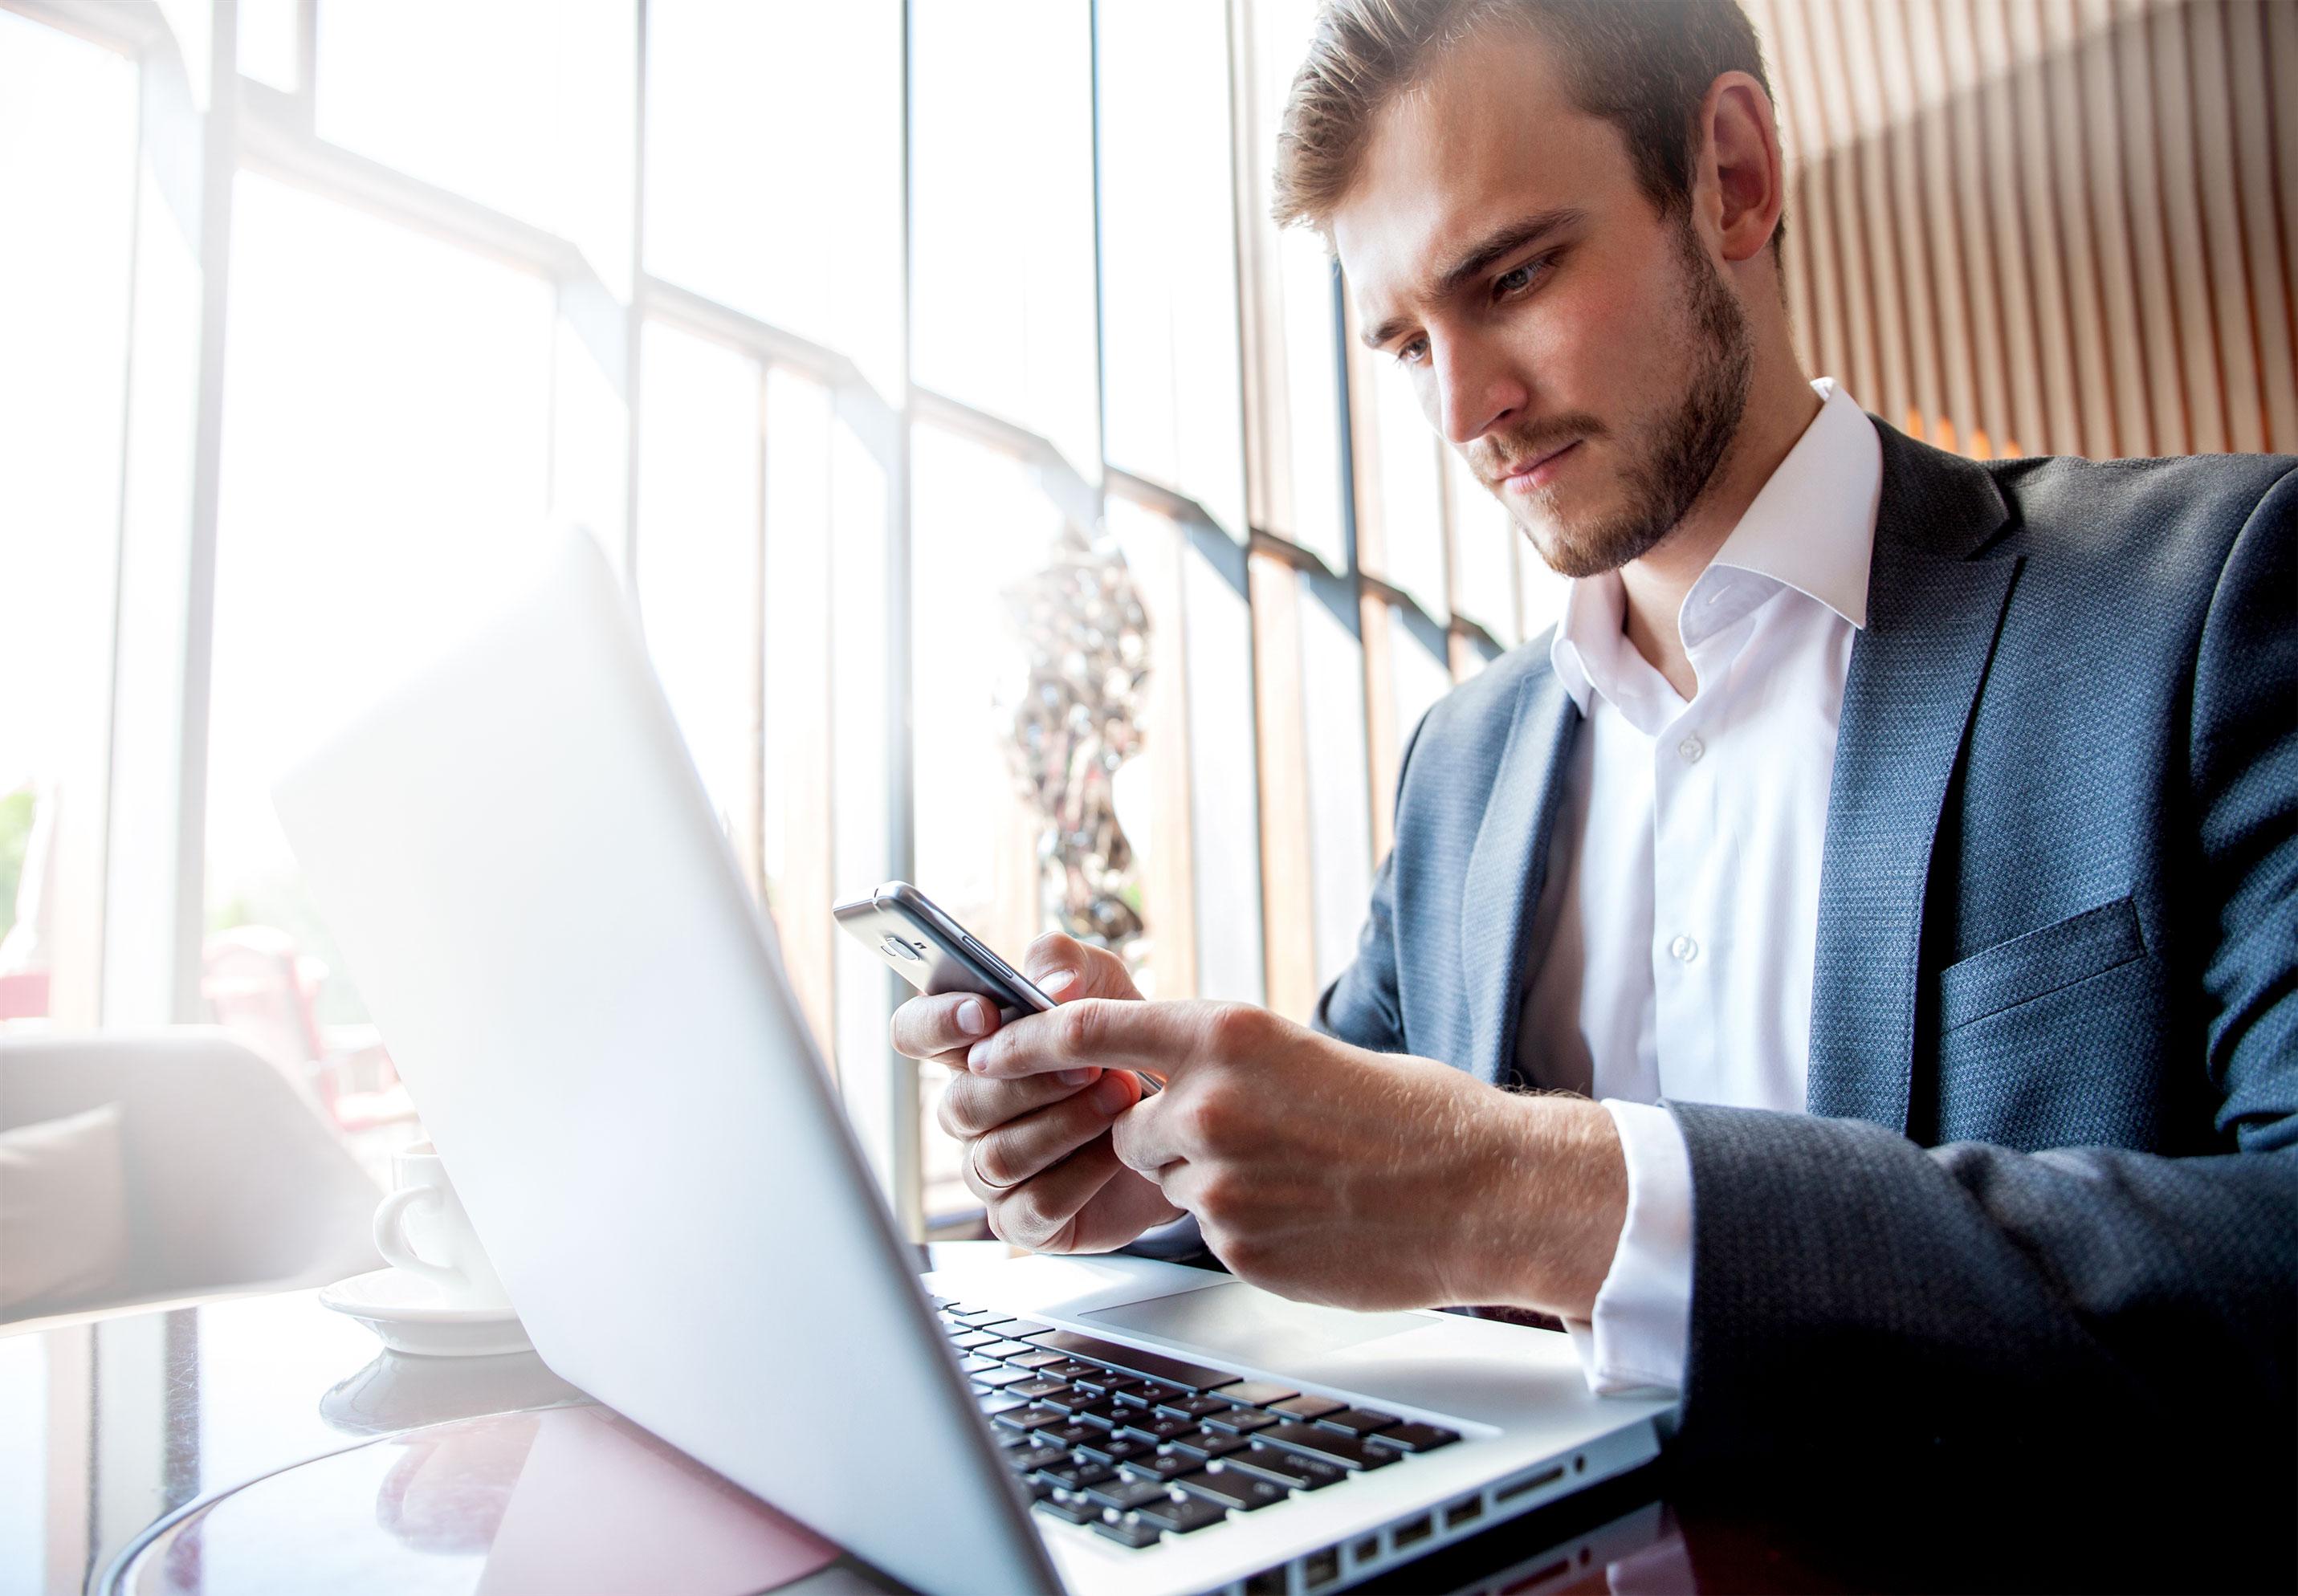 SunTrust wandelt den Kreditvergabeprozess um und verbessert das Kundenerlebnis